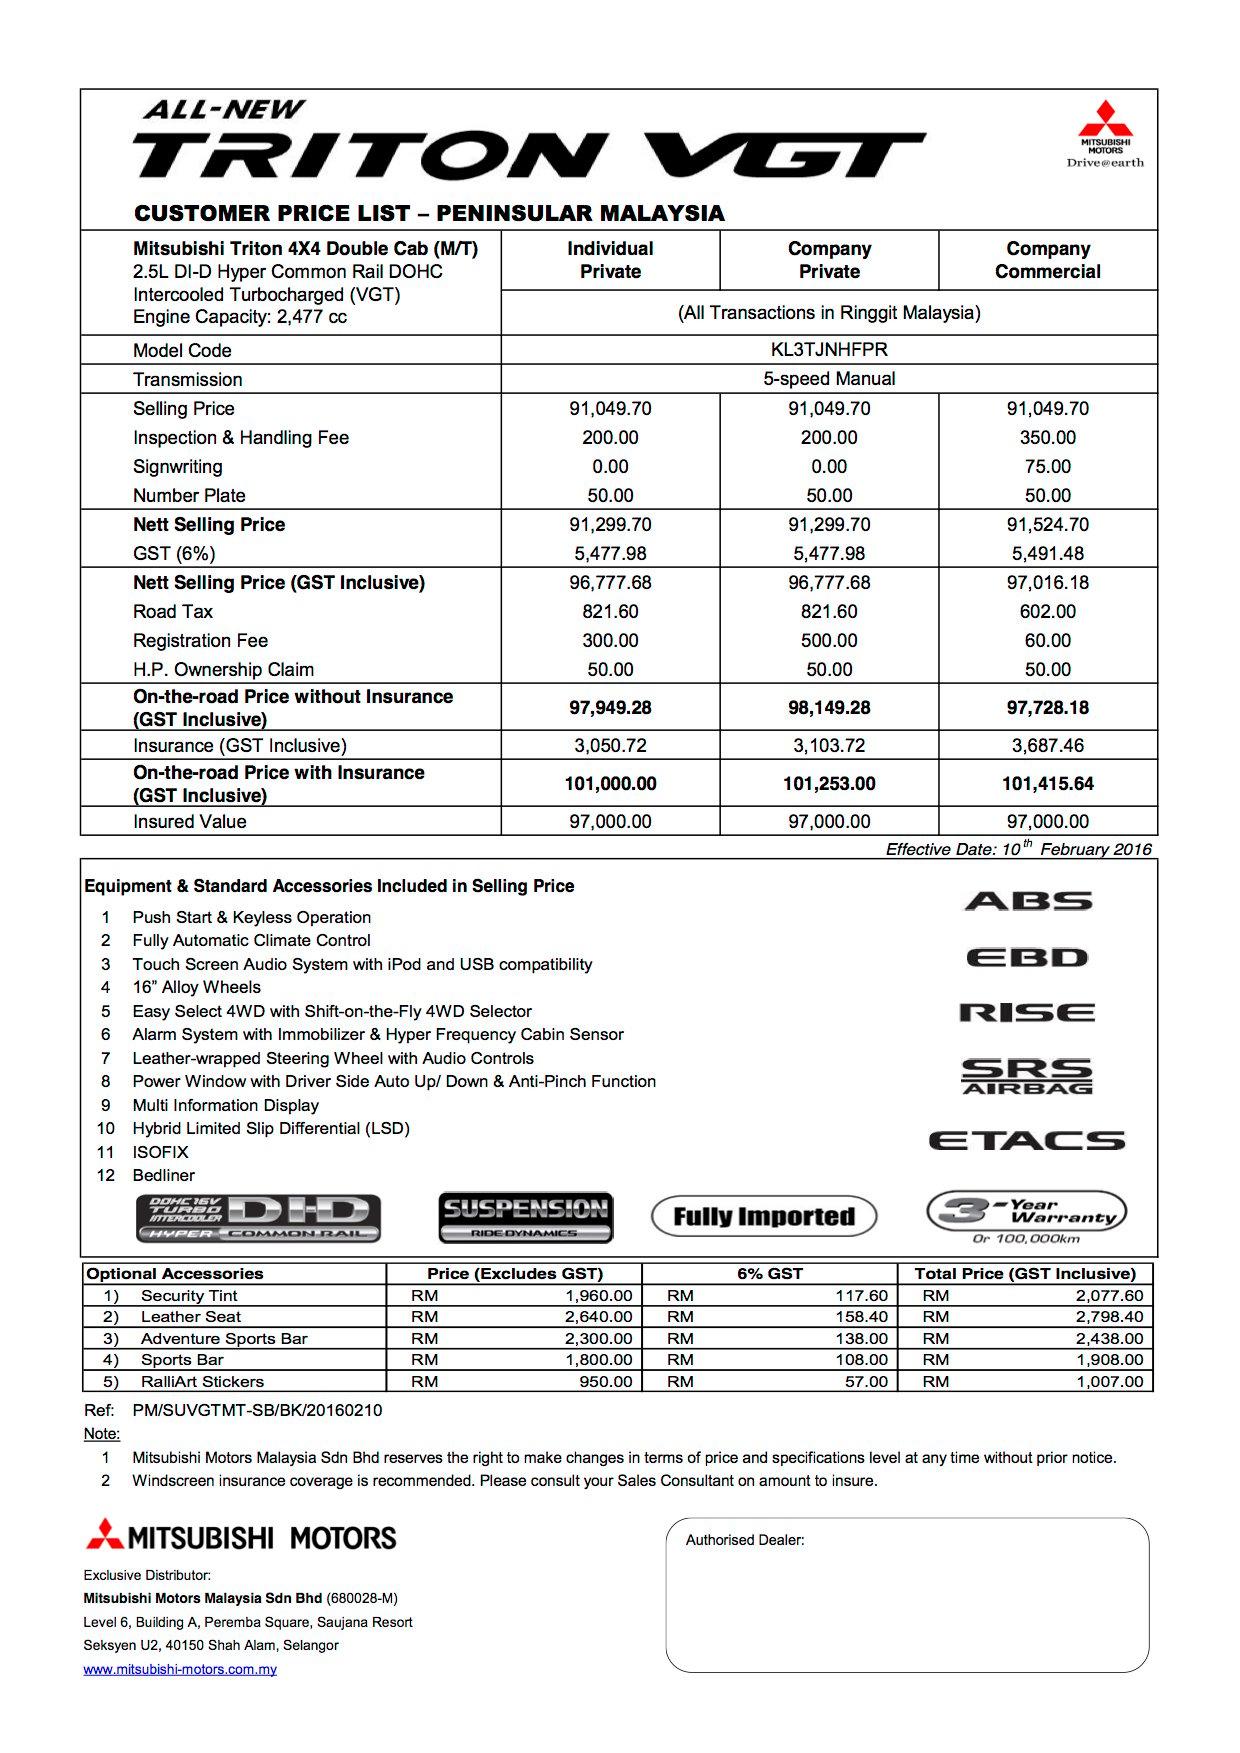 2016 mitsubishi triton price